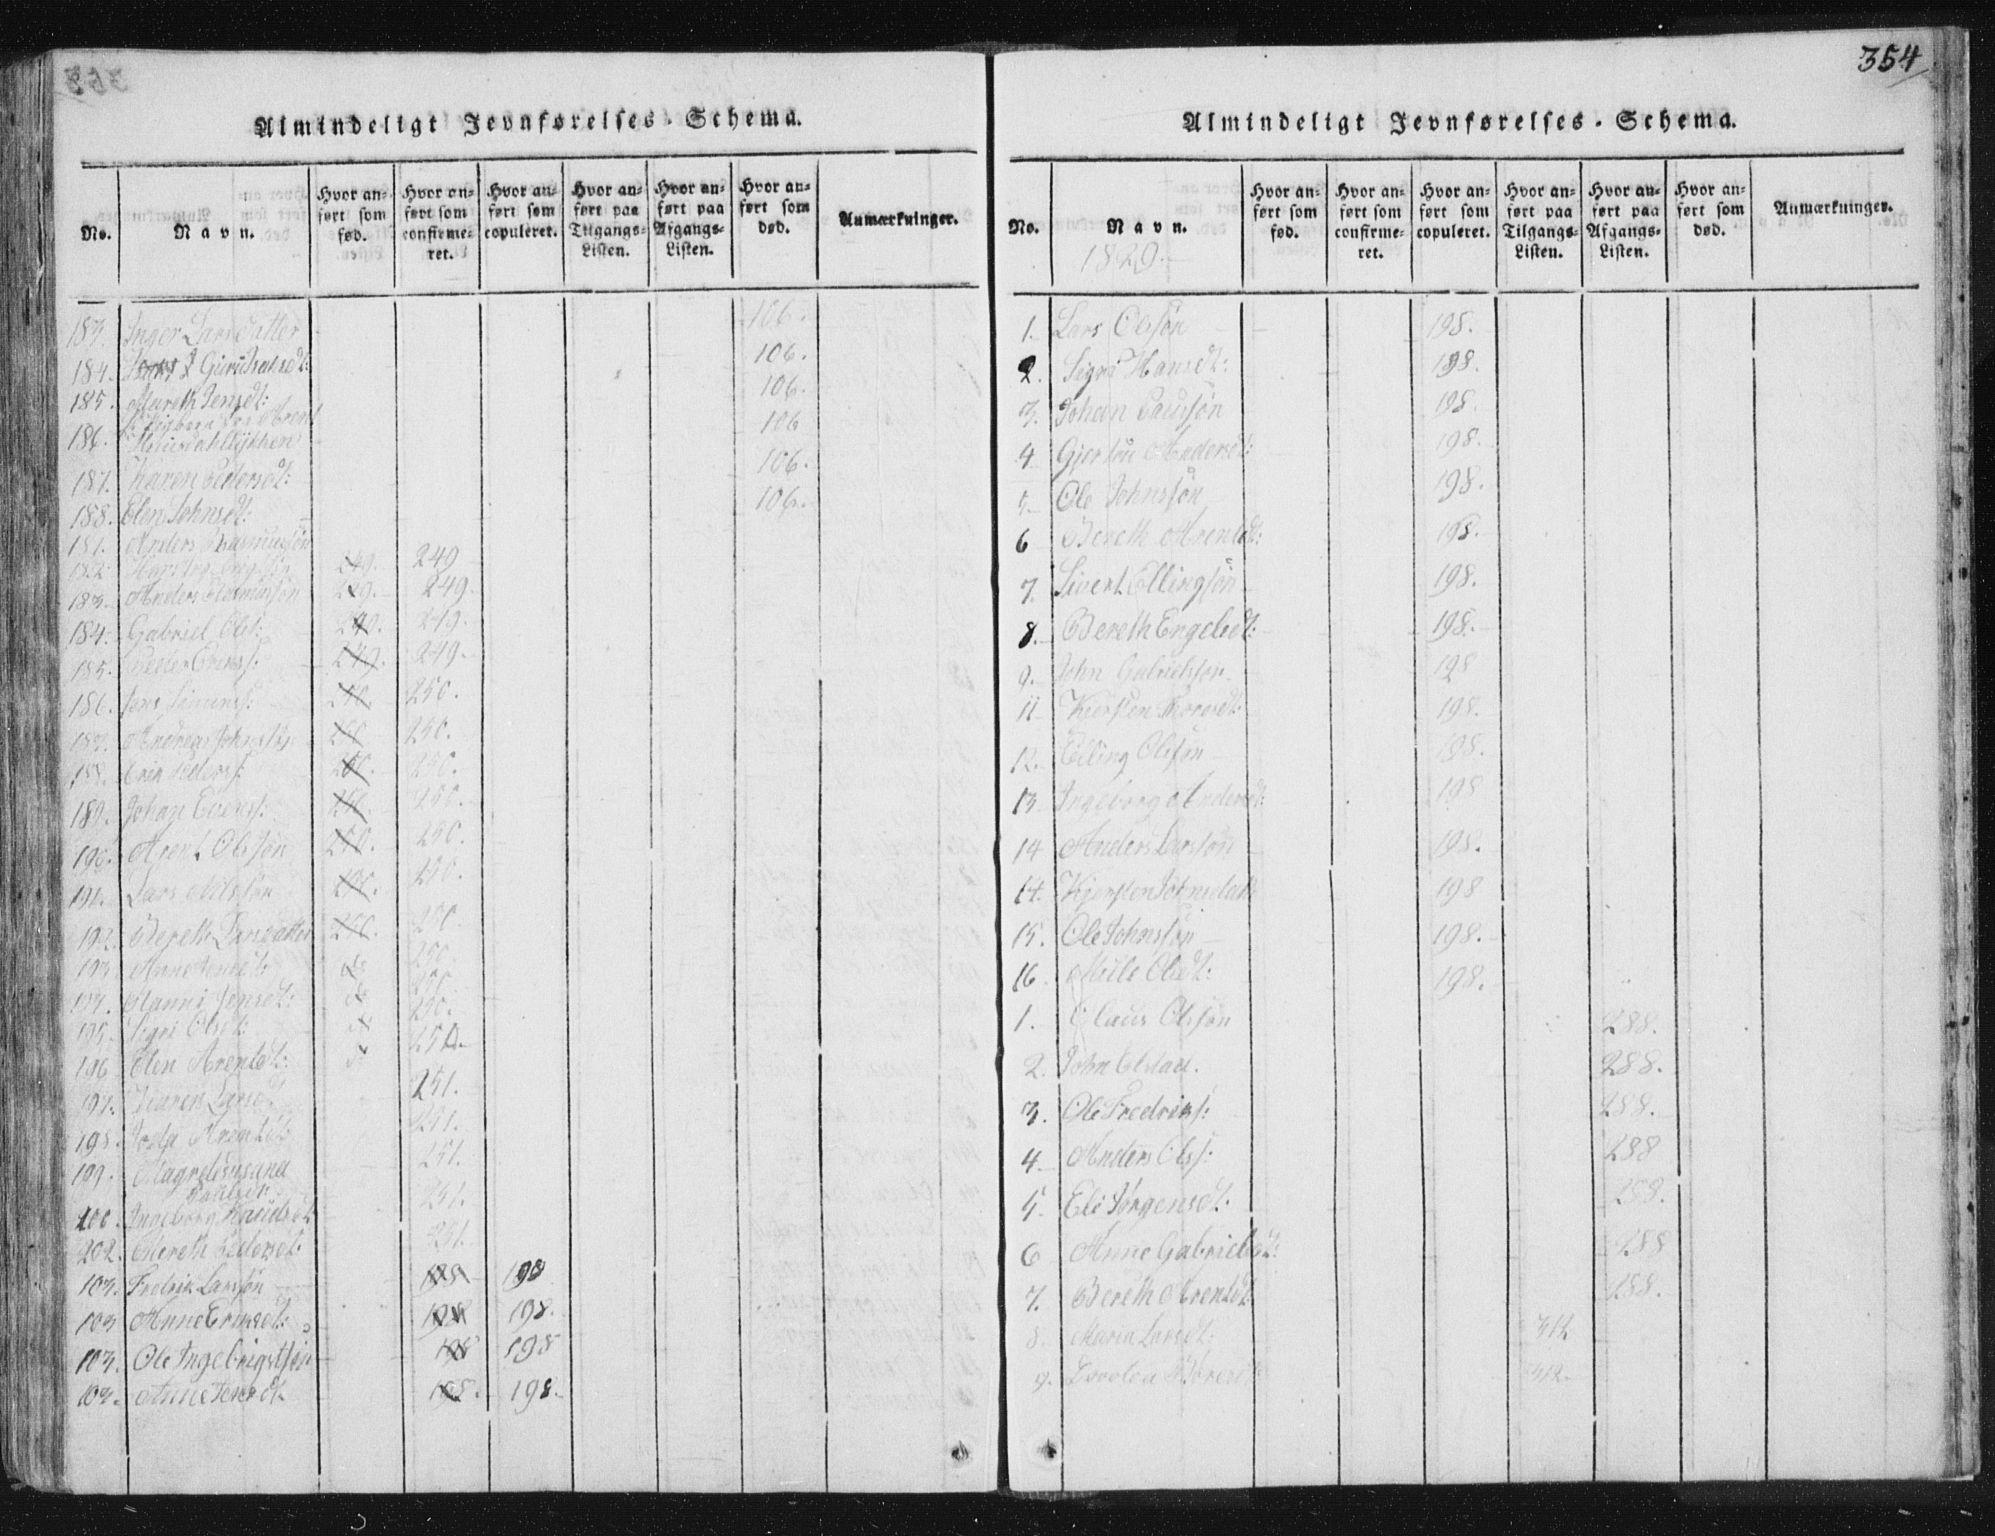 SAT, Ministerialprotokoller, klokkerbøker og fødselsregistre - Sør-Trøndelag, 665/L0770: Ministerialbok nr. 665A05, 1817-1829, s. 354